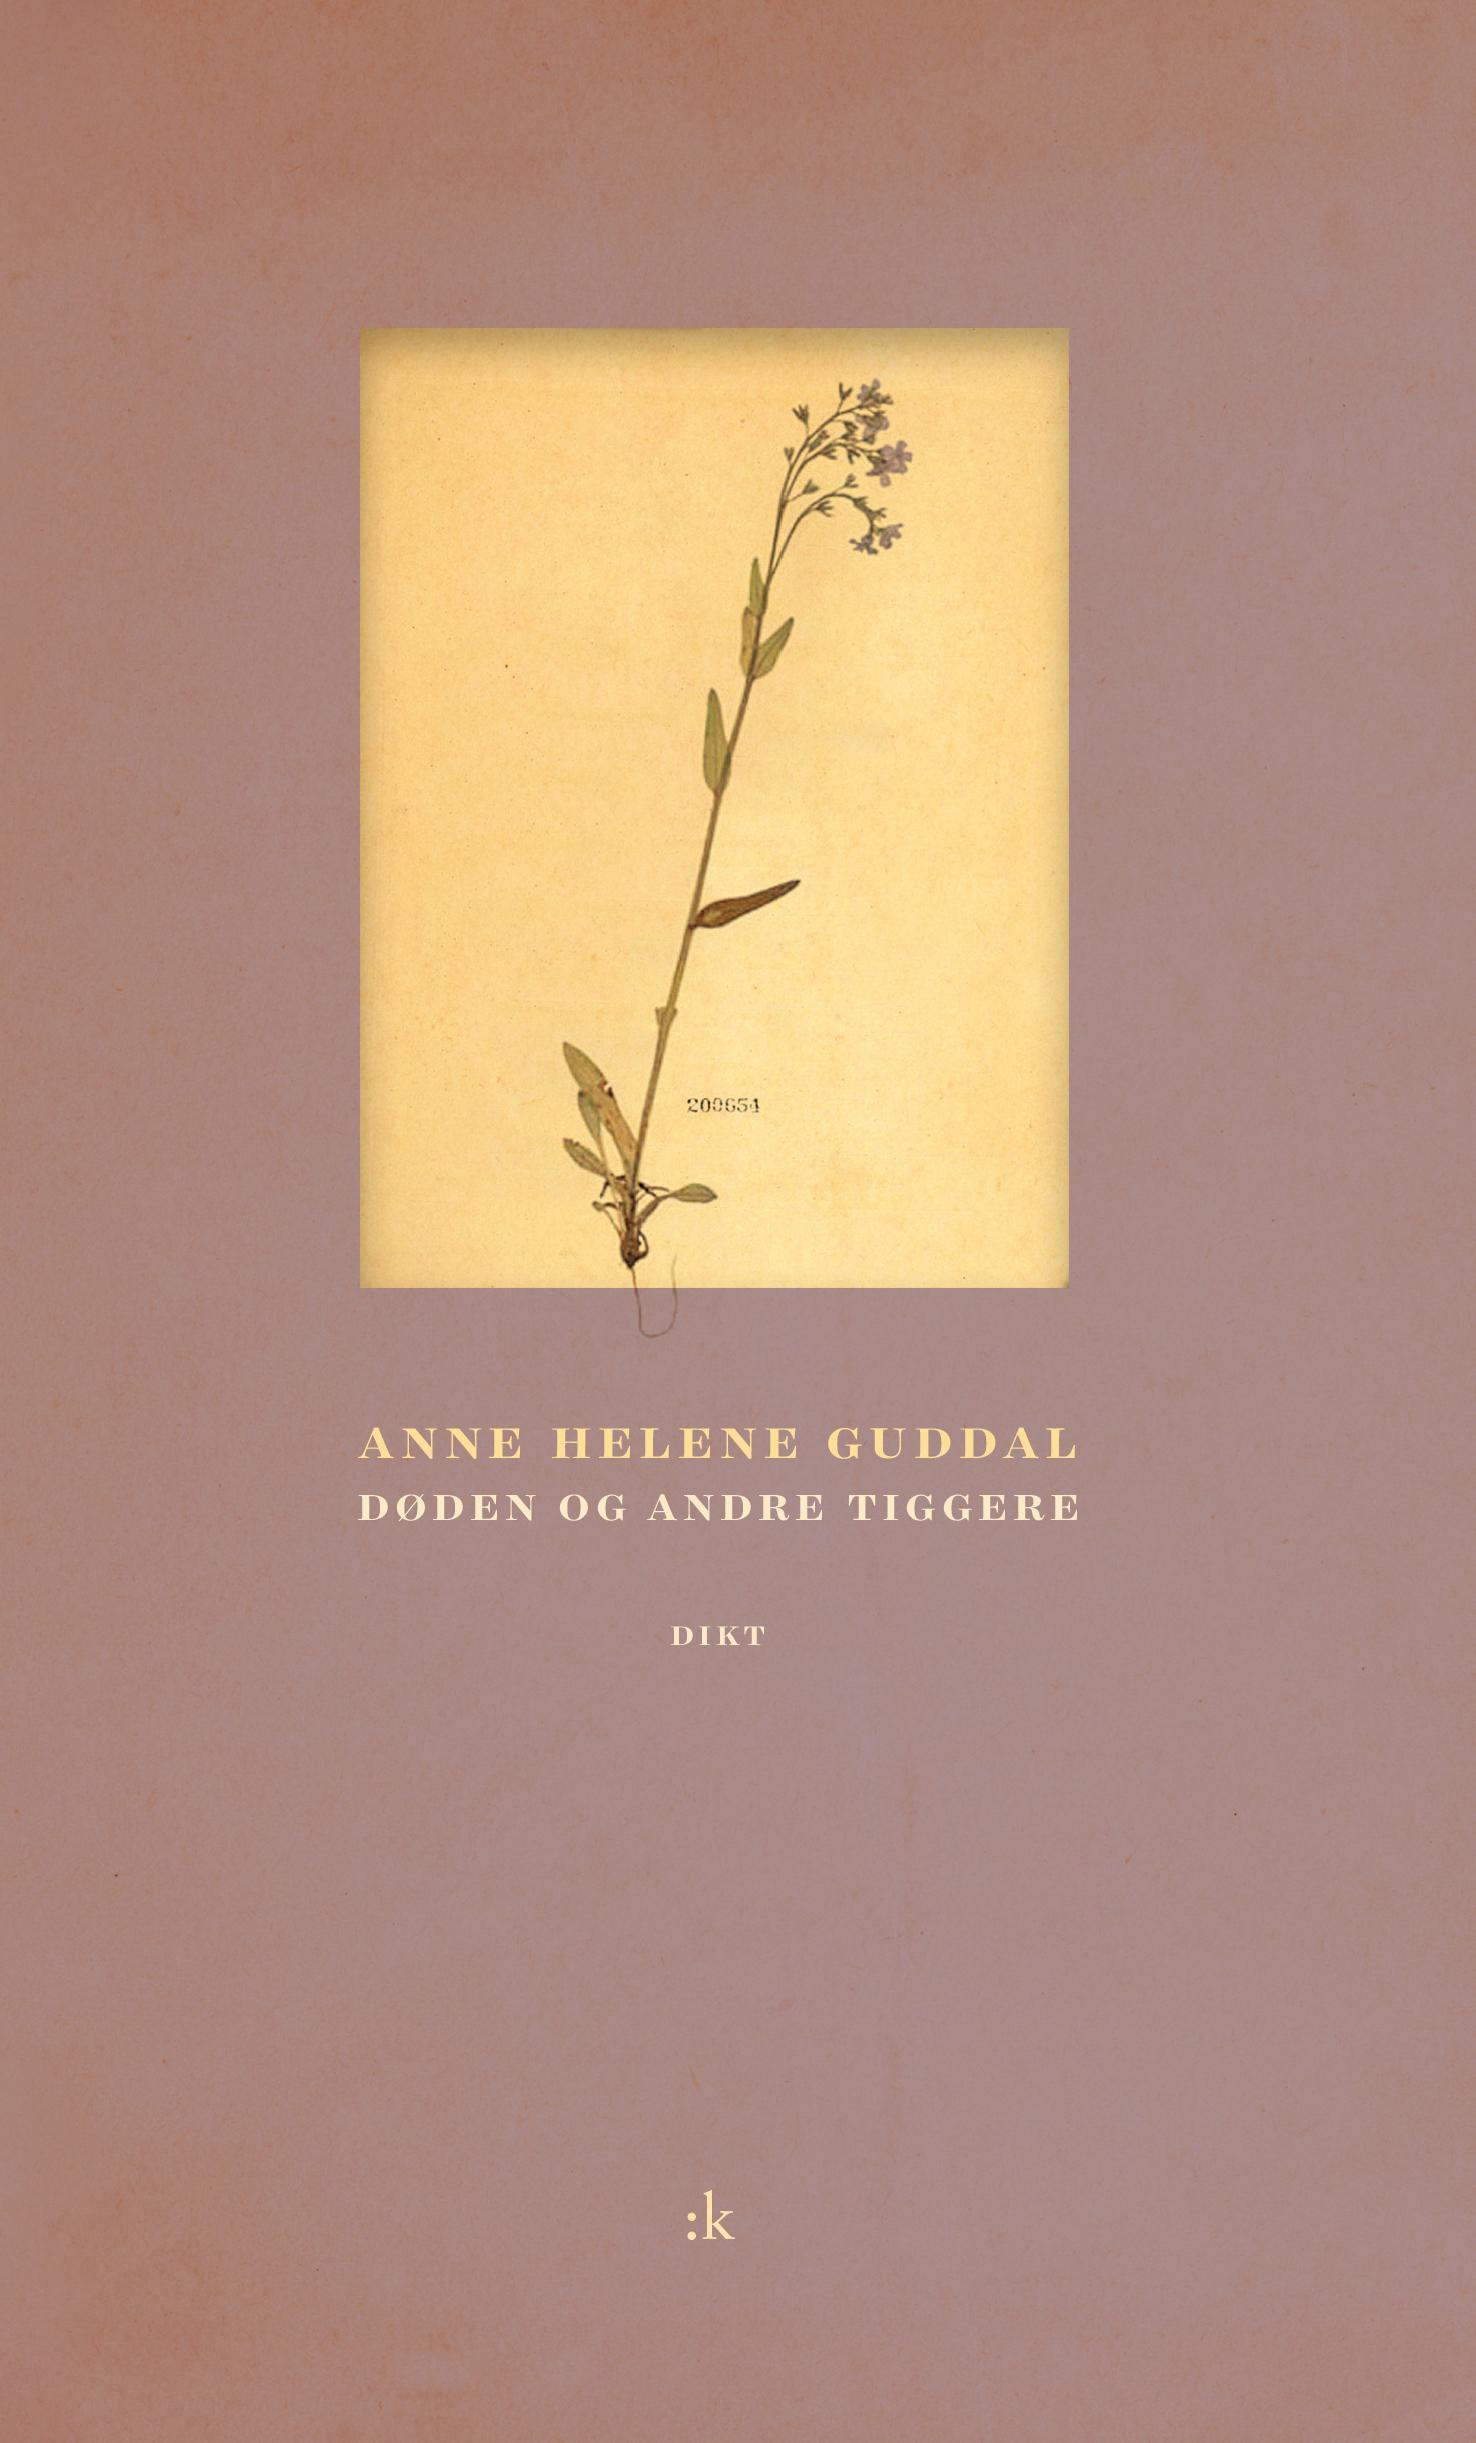 """""""Døden og andre tiggere - dikt"""" av Anne Helene Guddal"""